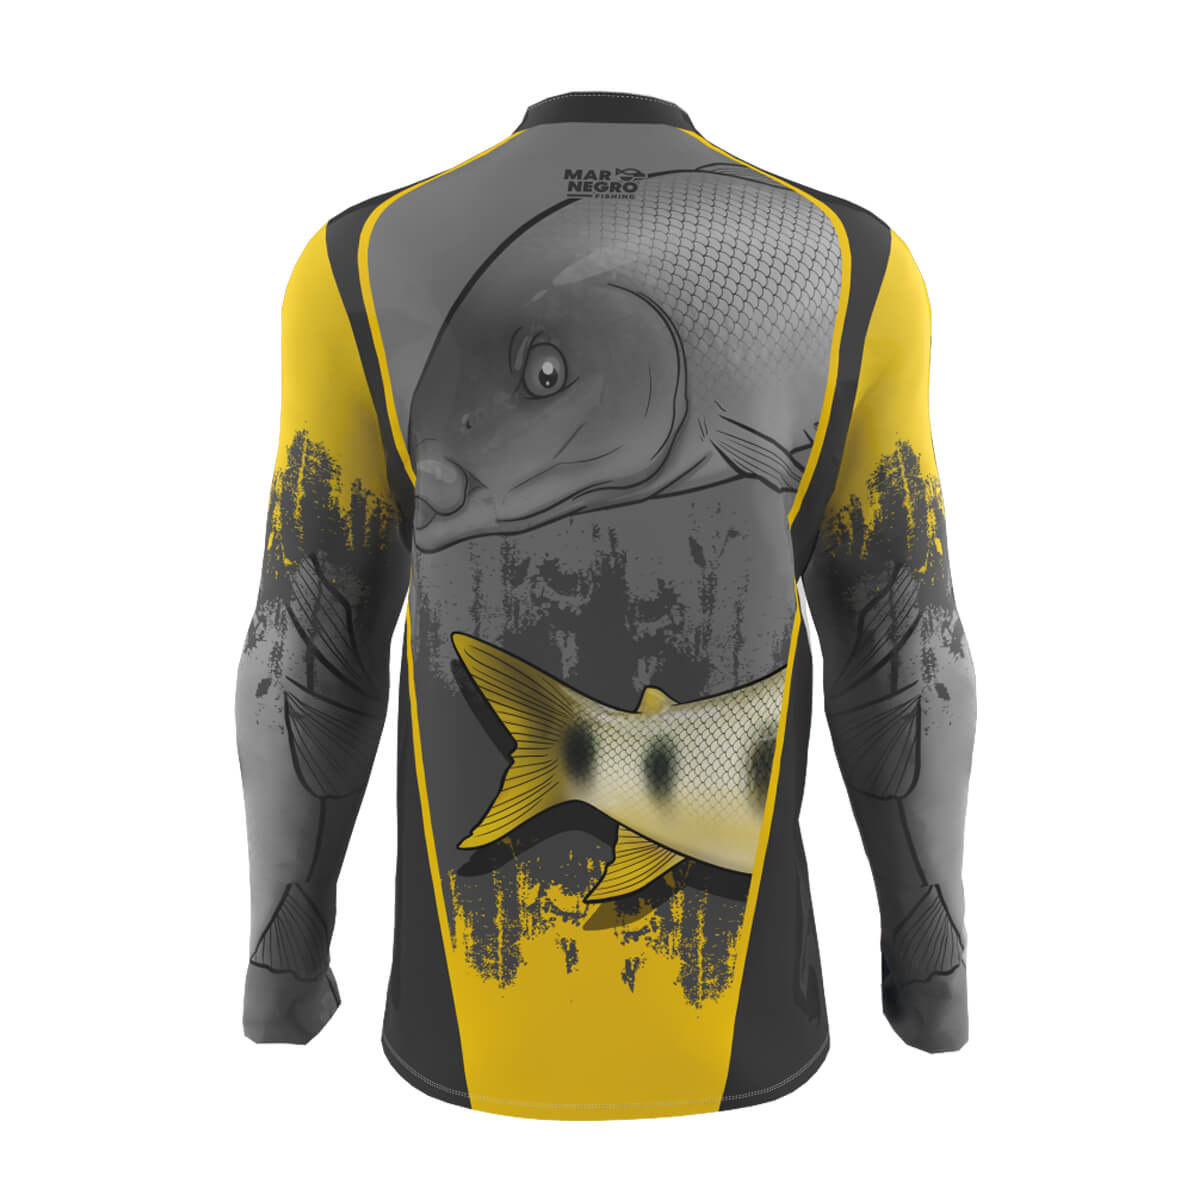 Camiseta de Pesca Mar Negro 2021 Piapara  - Pró Pesca Shop